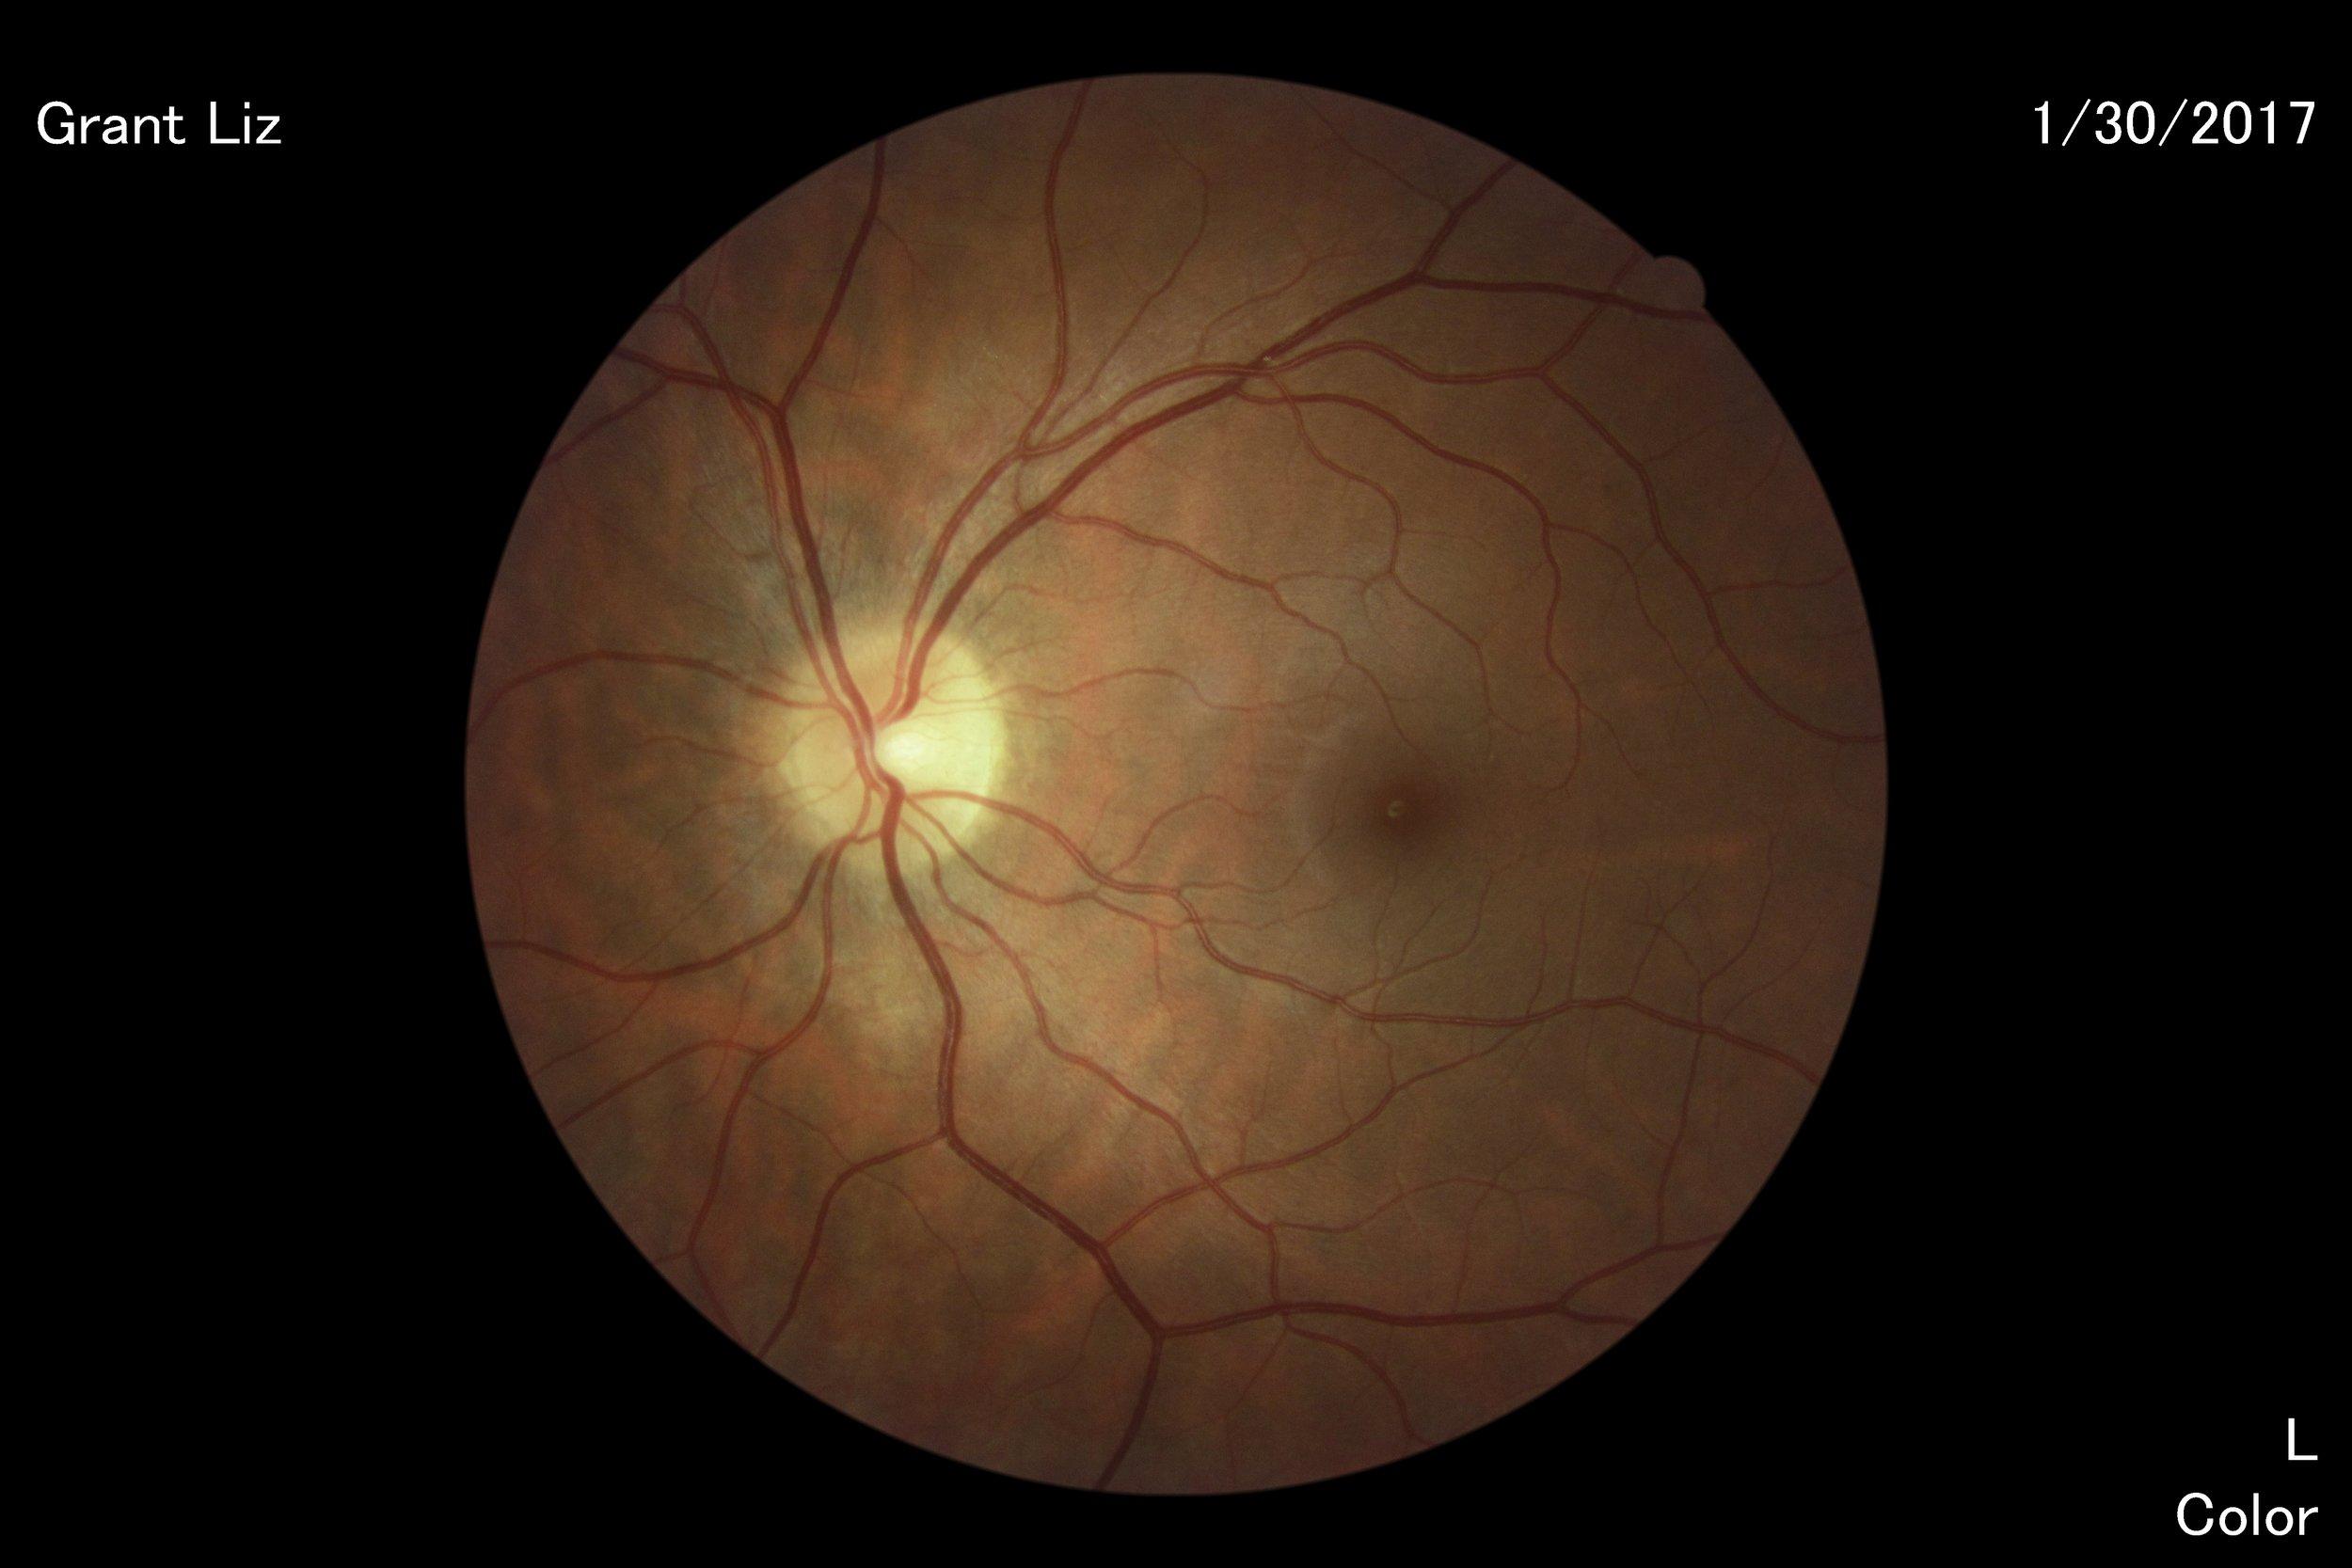 optometrist appt 2